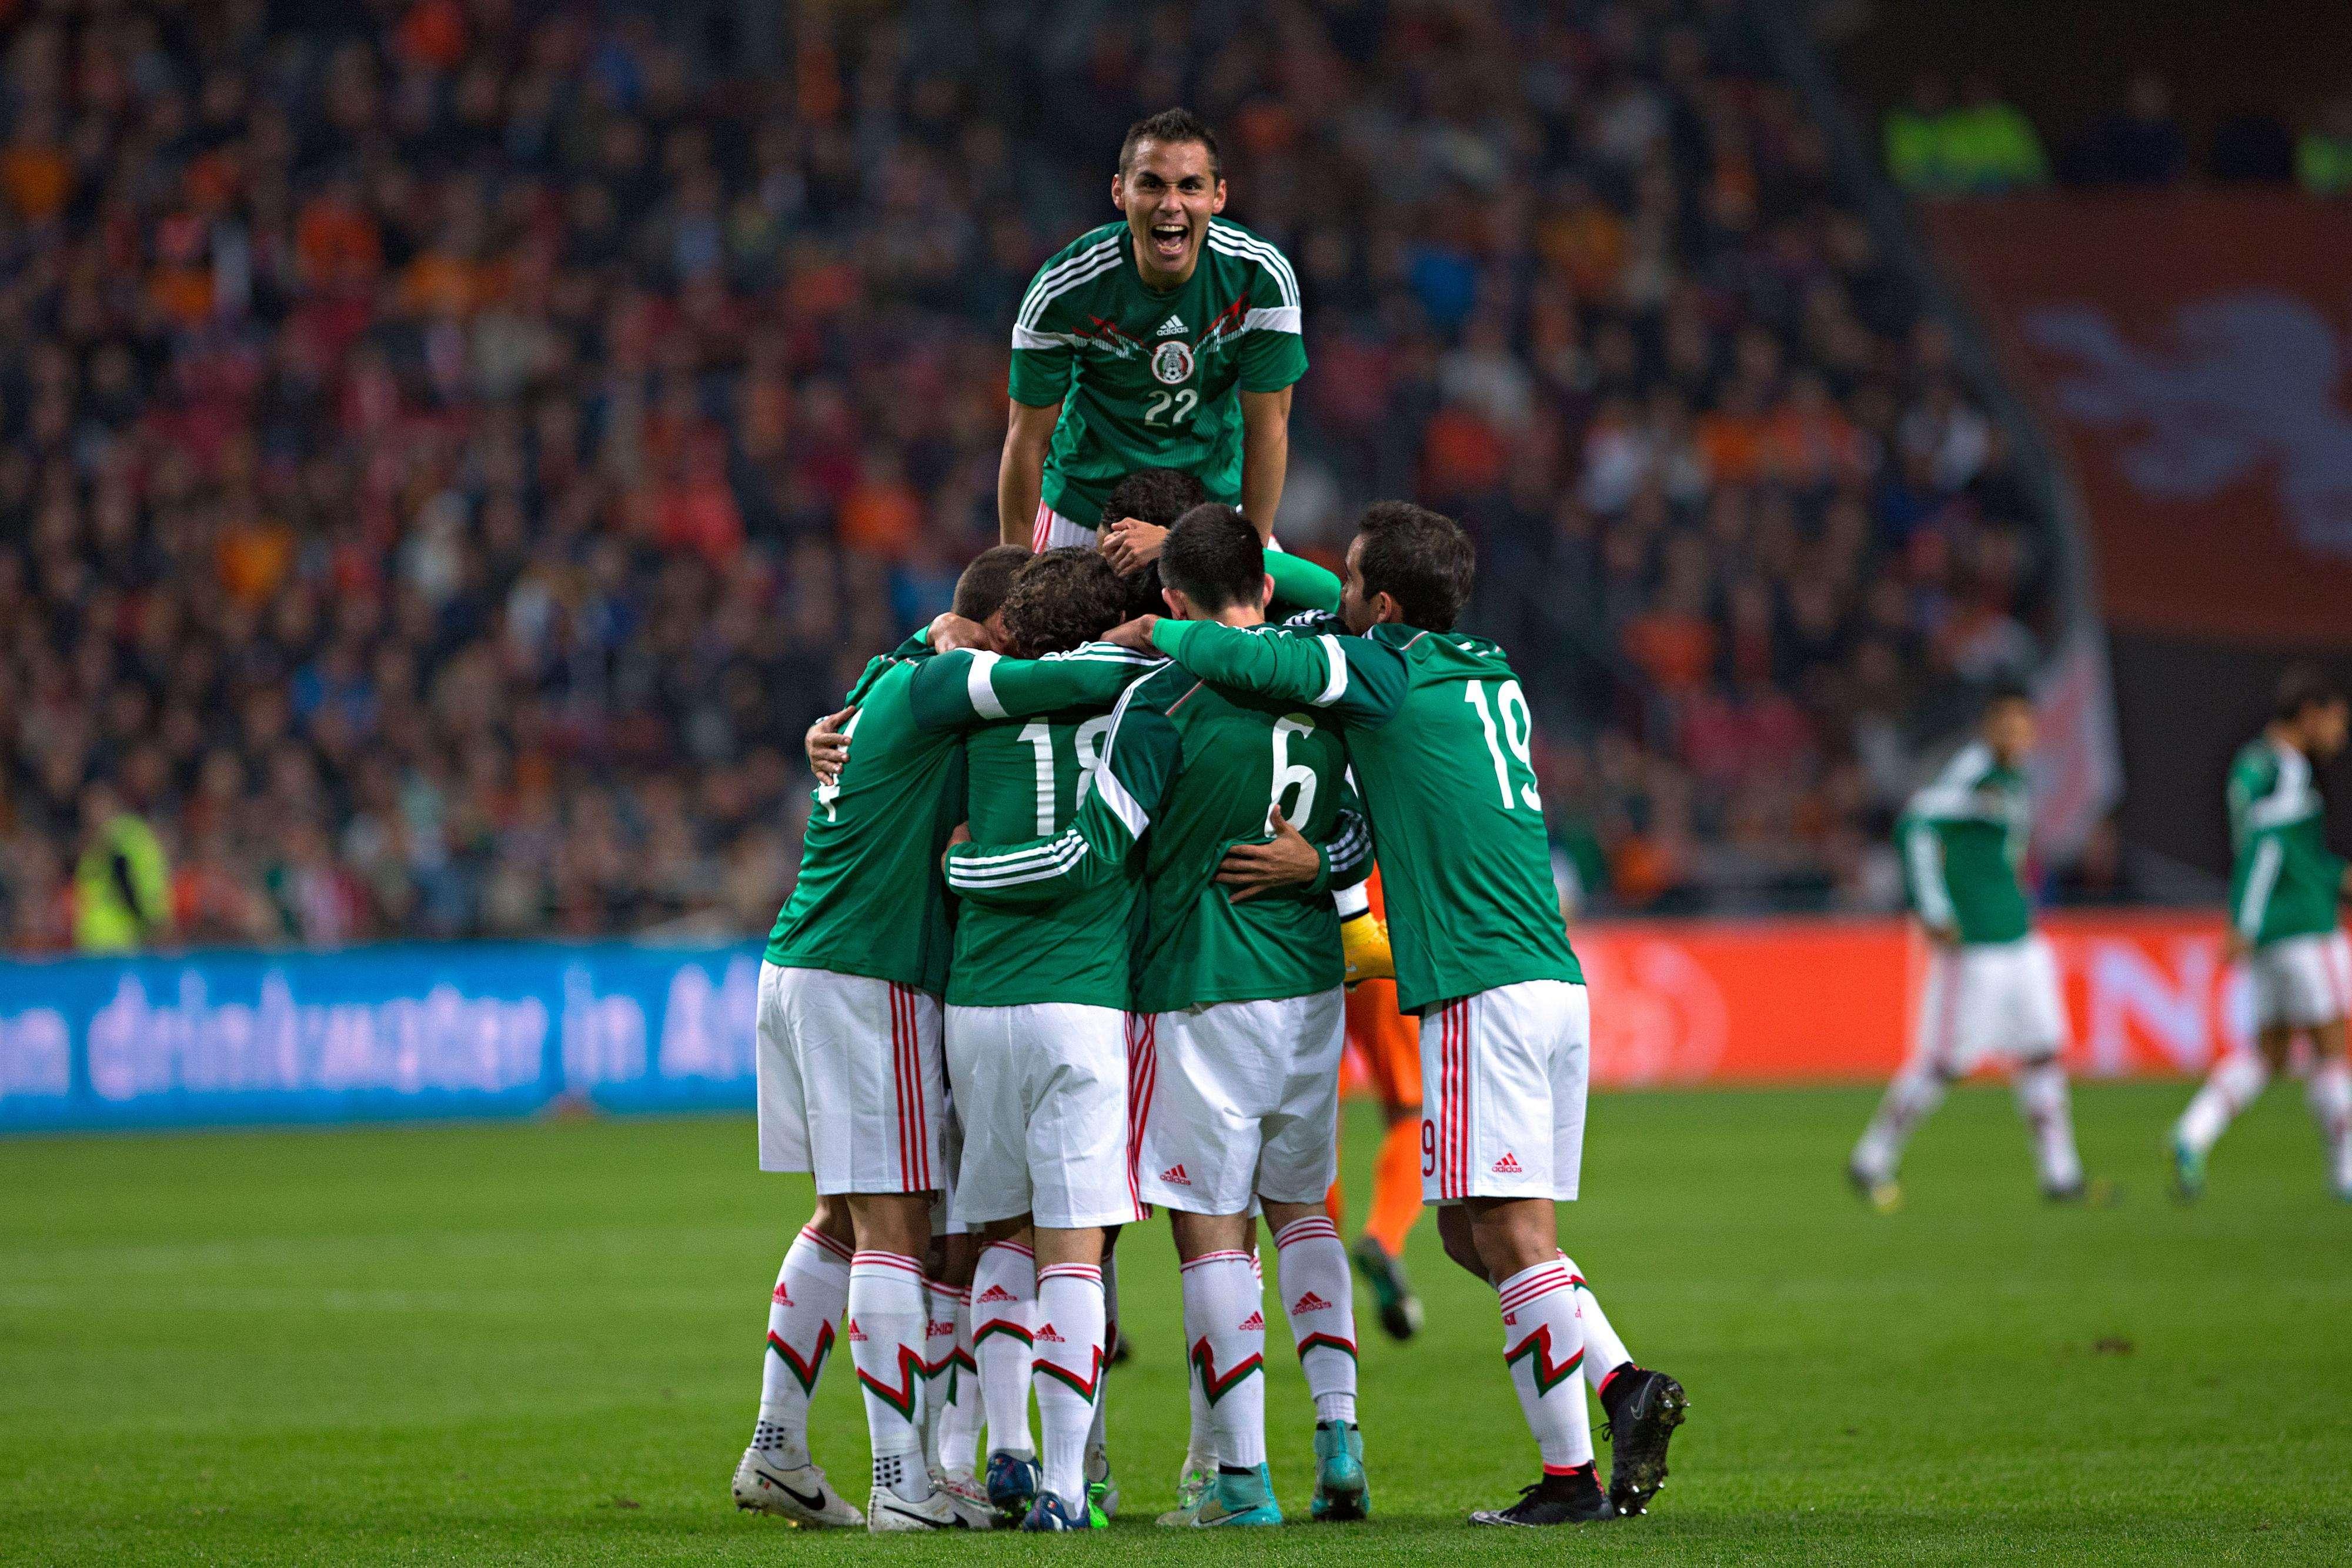 México es el sitio 20 del ranking FIFA. Foto: Imago7